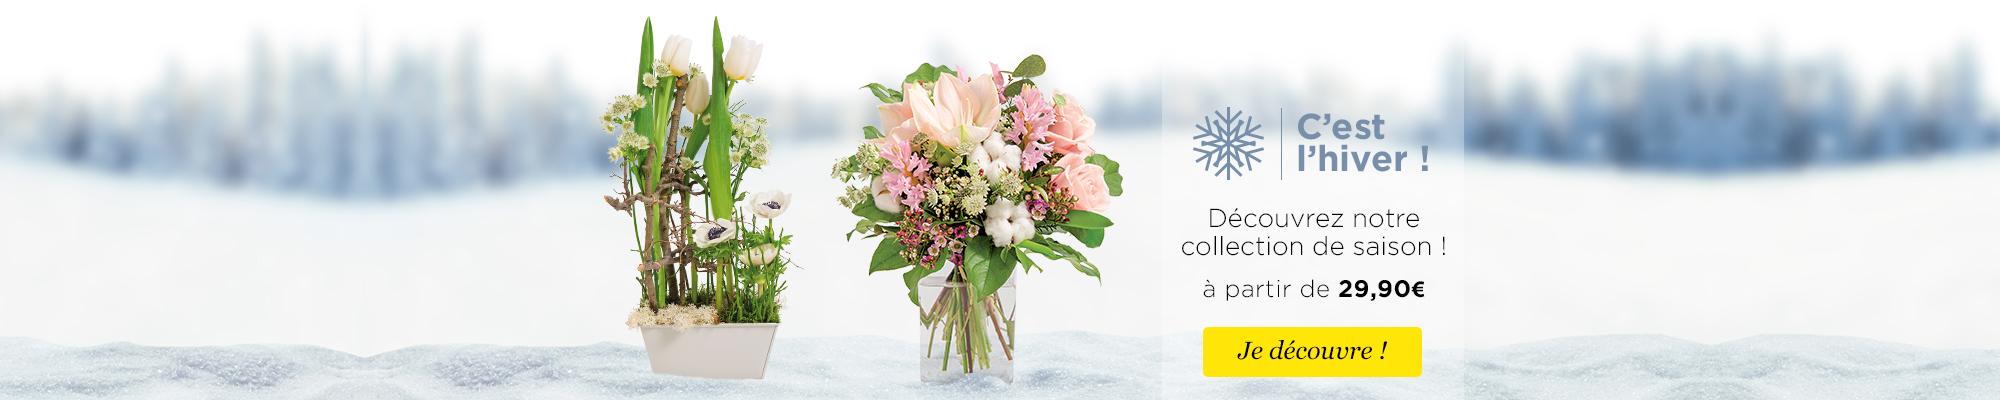 Envoie de fleurs par interflora 20170802020407 for Envois fleurs